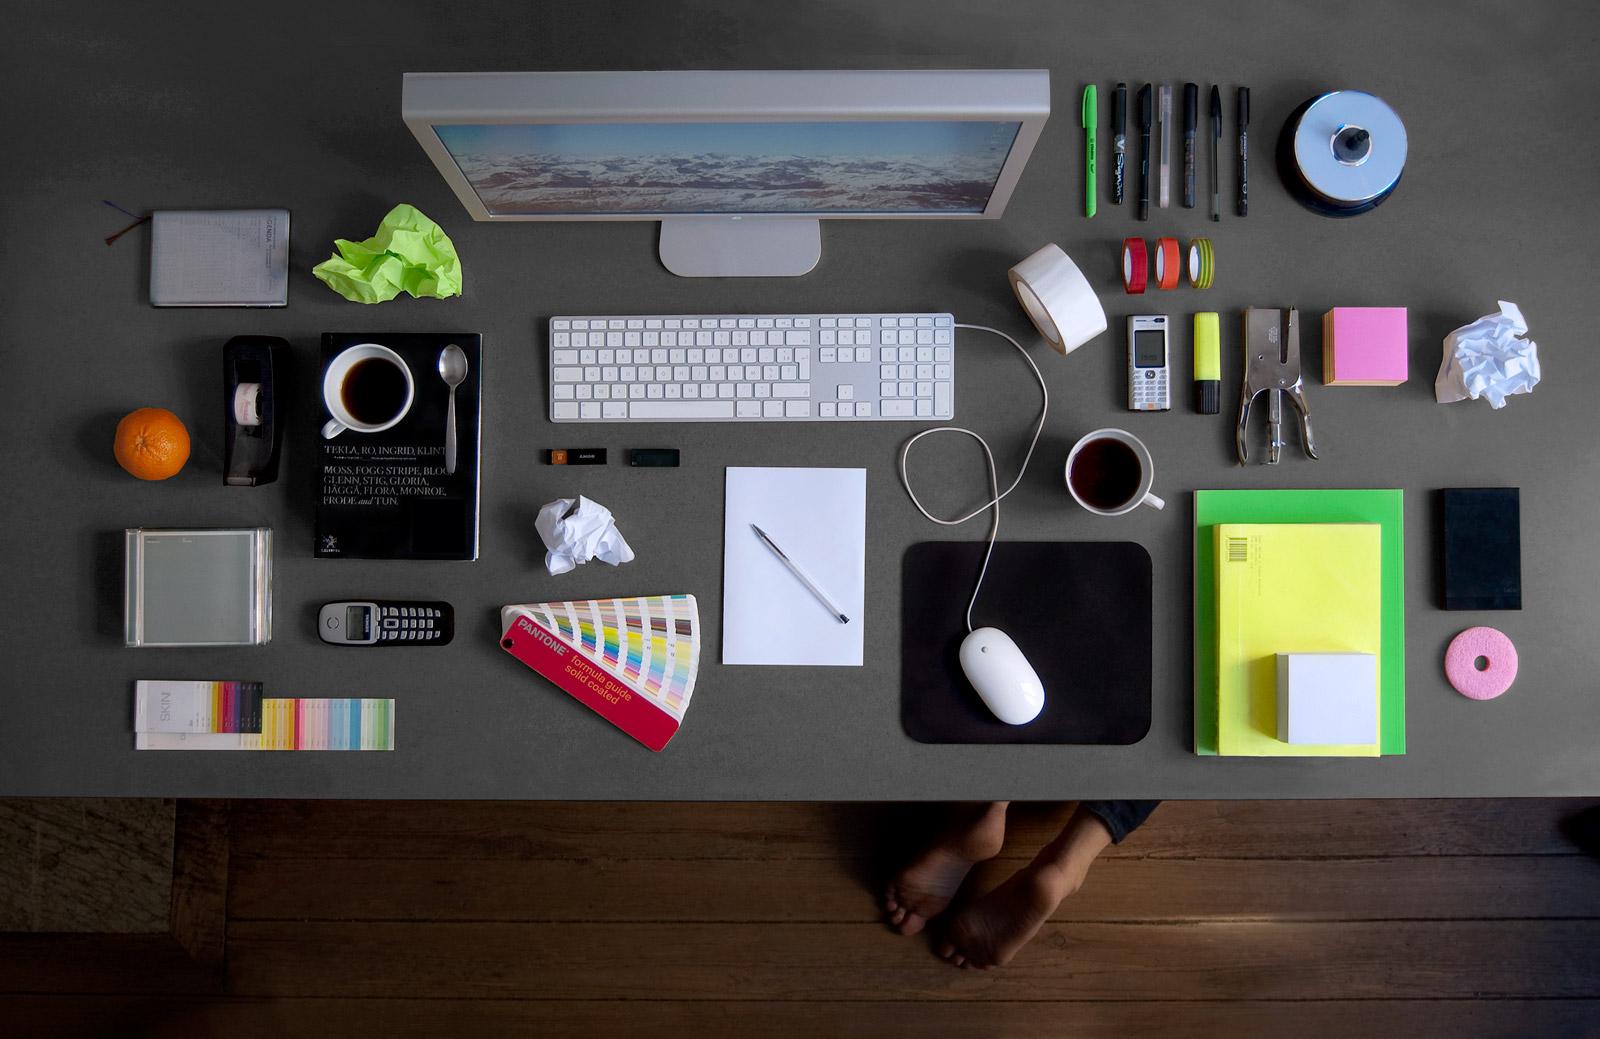 Réussir son business en passant par un bts design graphique